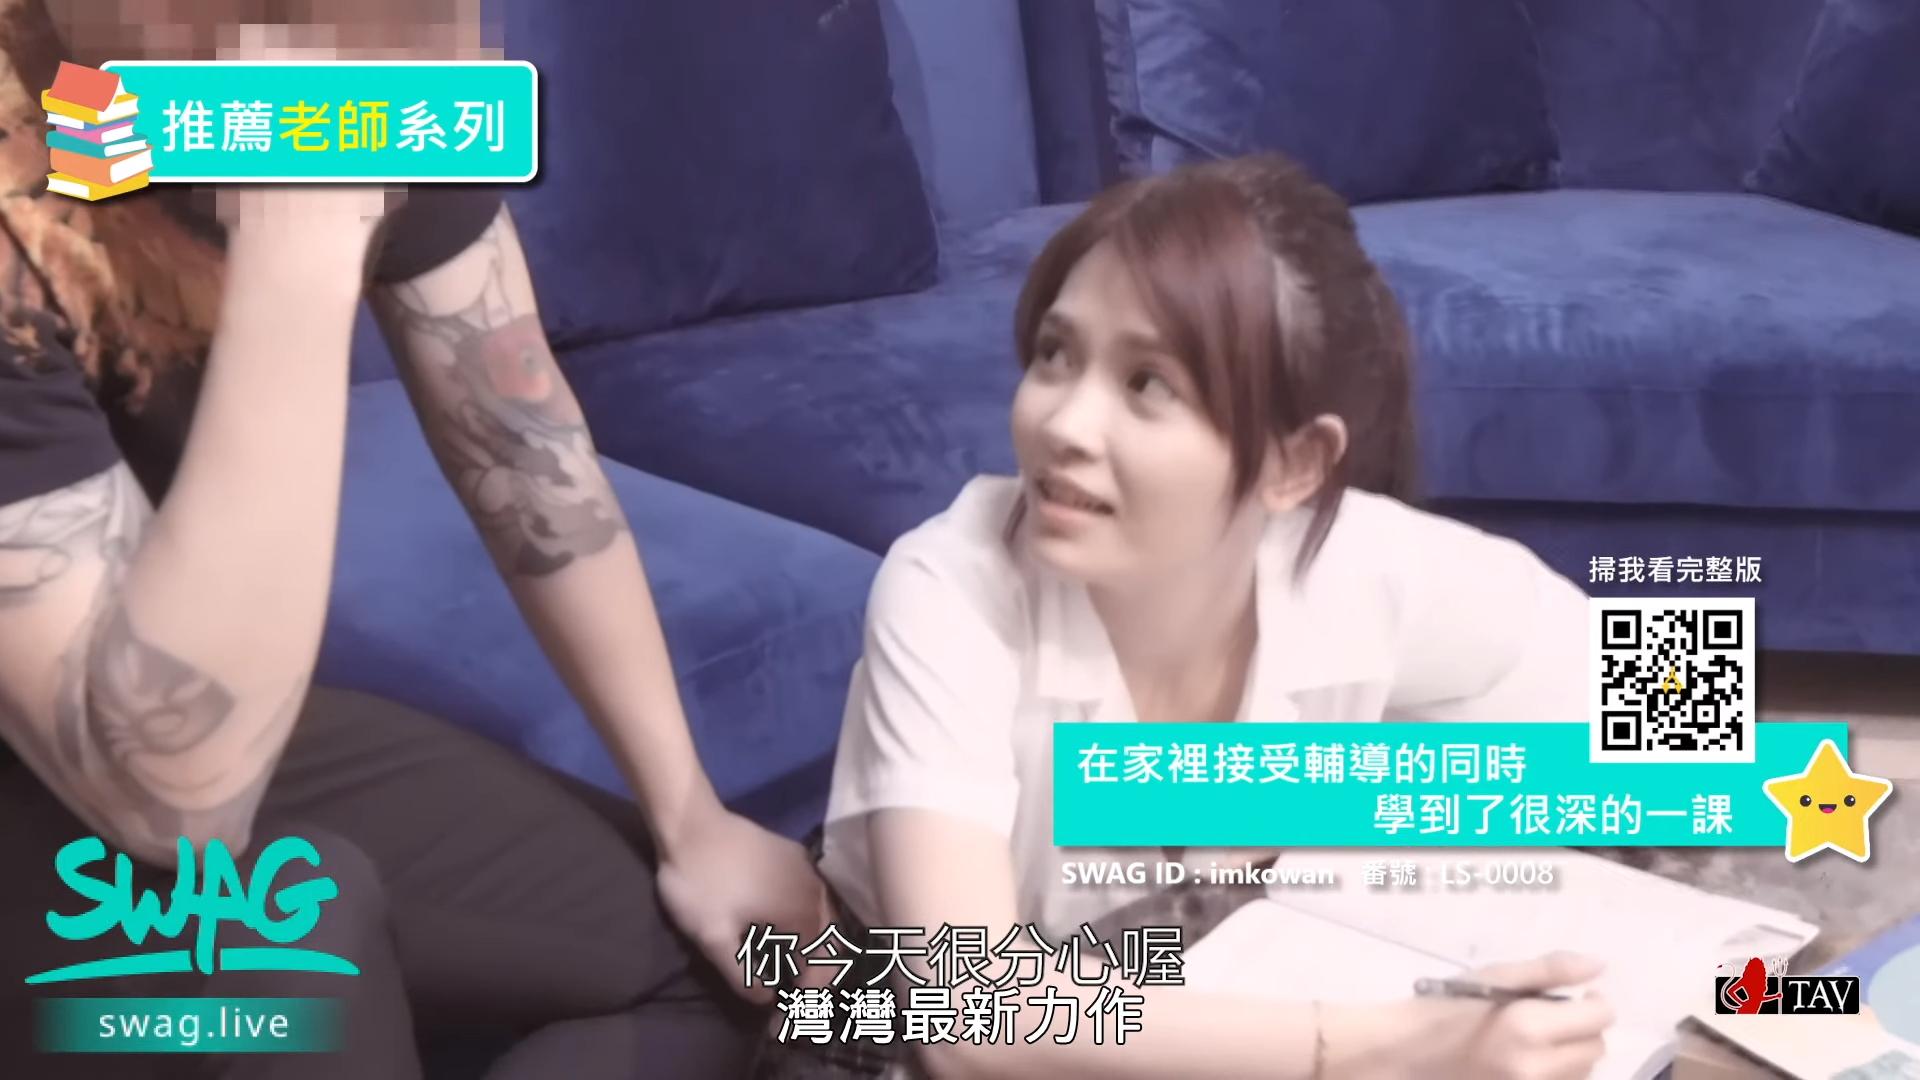 【素人】台灣SWAG推薦《3部必尻教師系列》褲子脫好上課了!